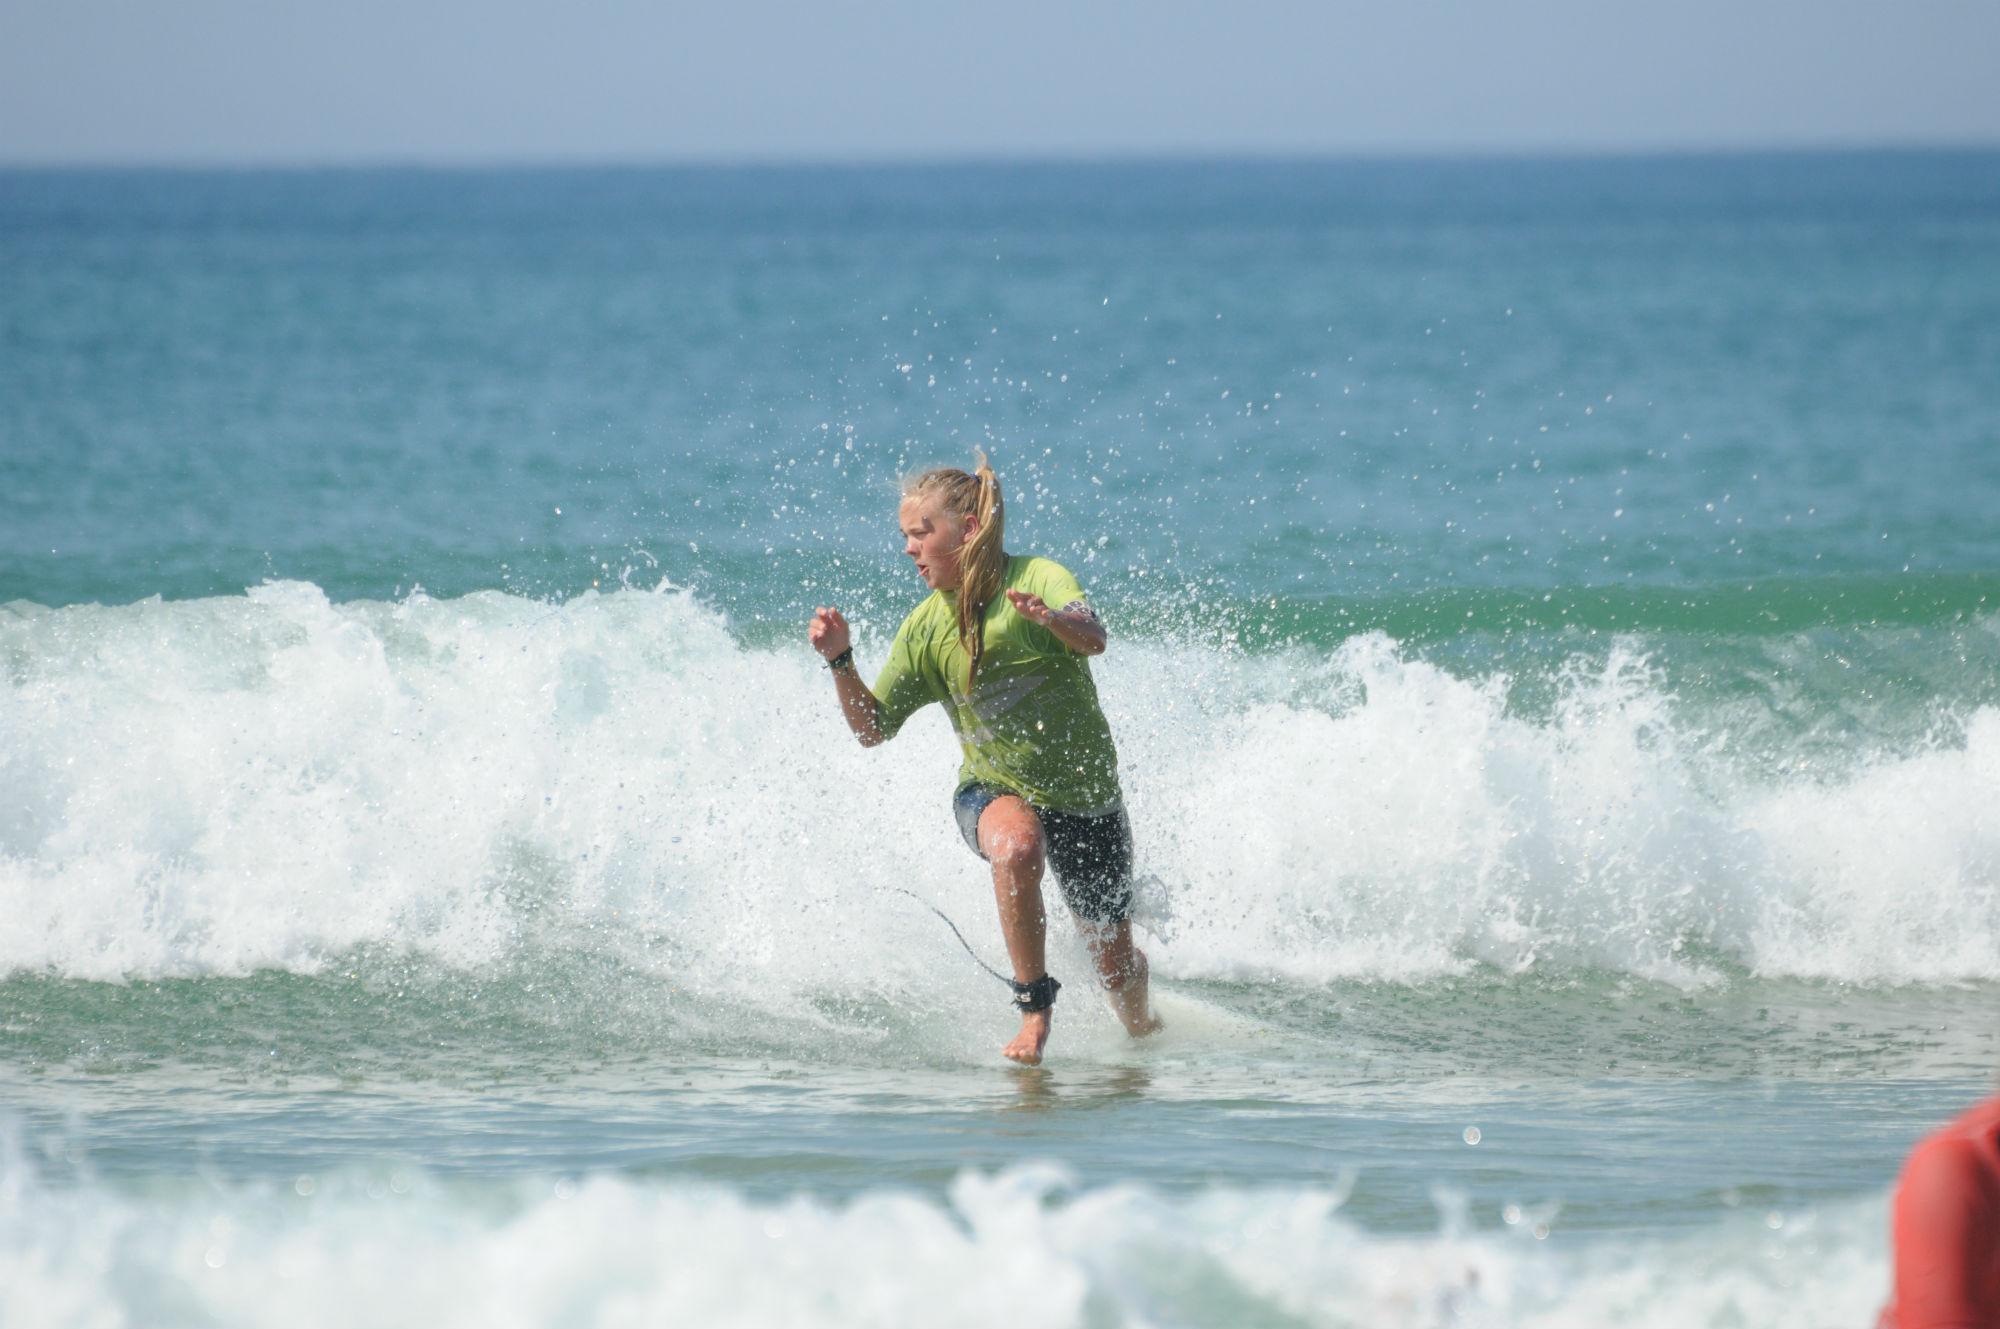 Ramona Liebscher schafft es, auch ohne Surfboard über das Wasser zu laufen.